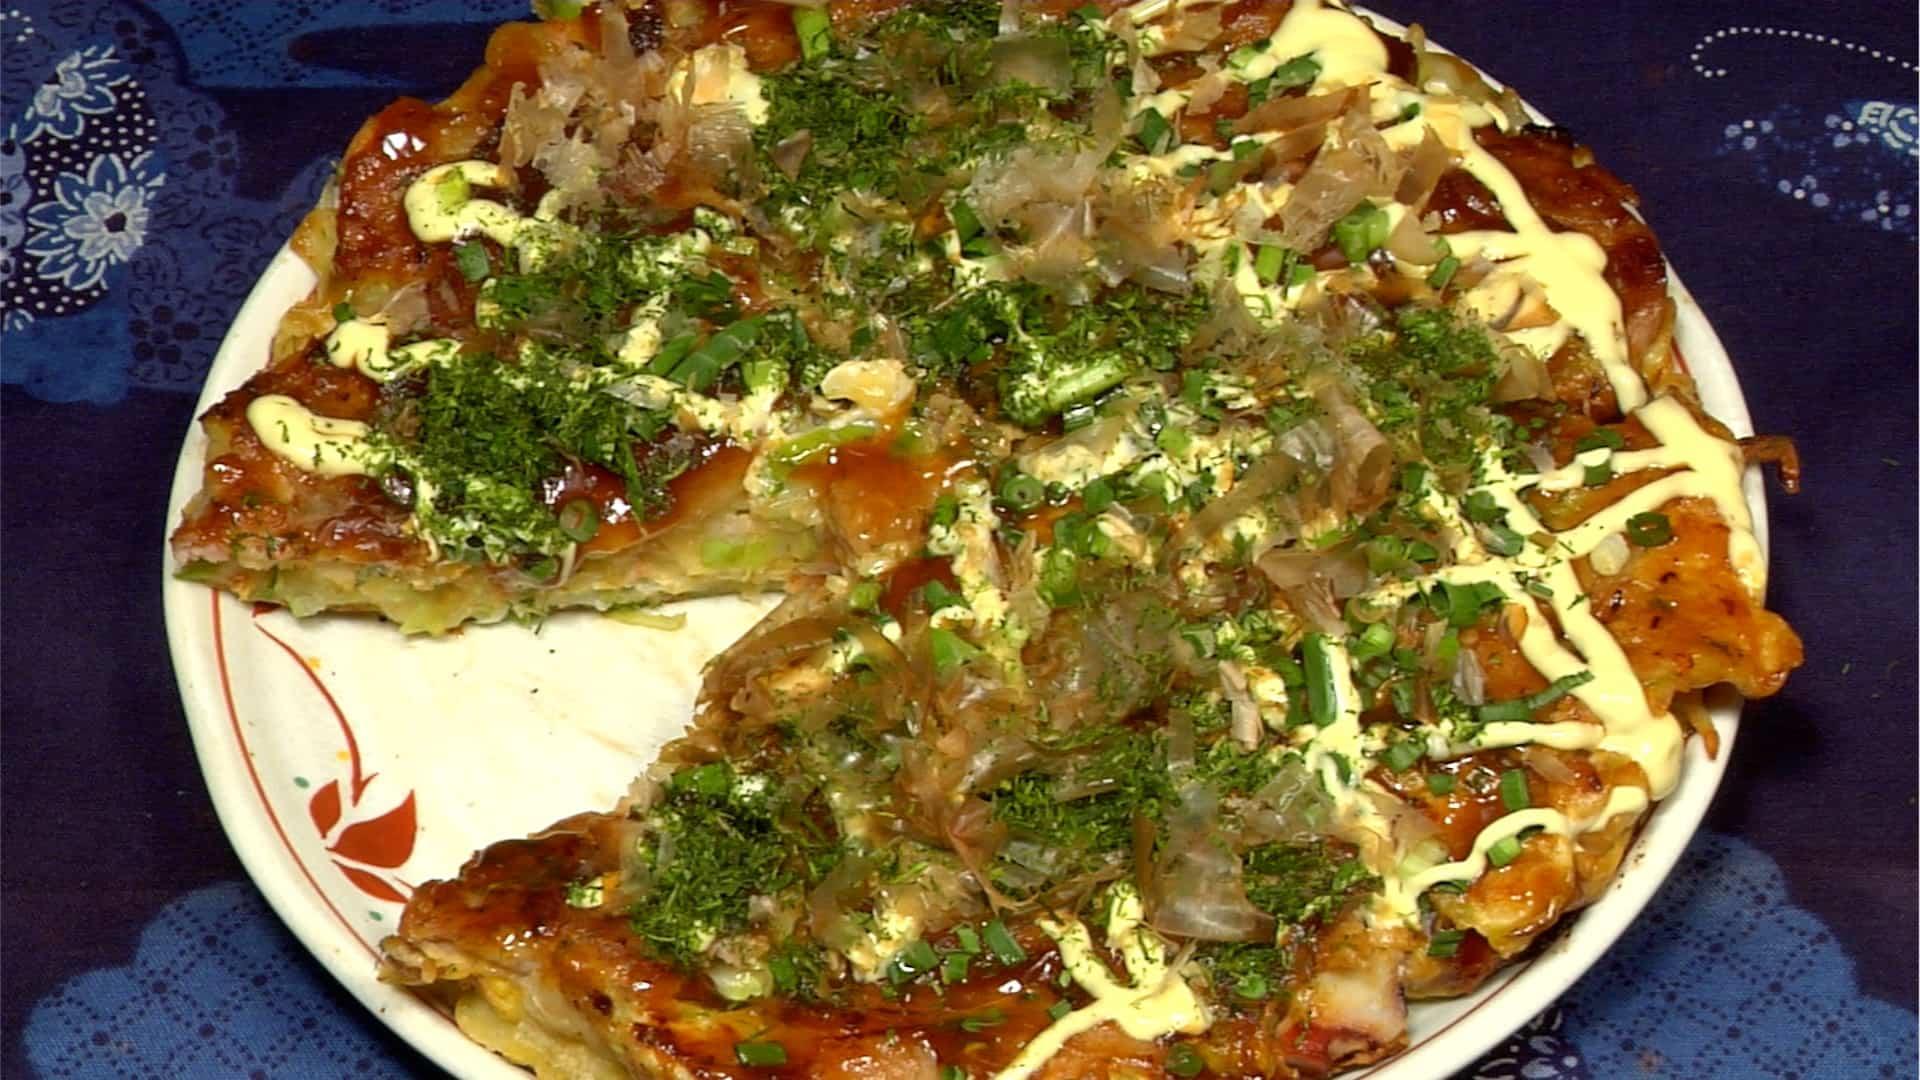 Okonomiyaki Recipe (Japanese Grilled Savory Pancakes with Pork and Seafood)